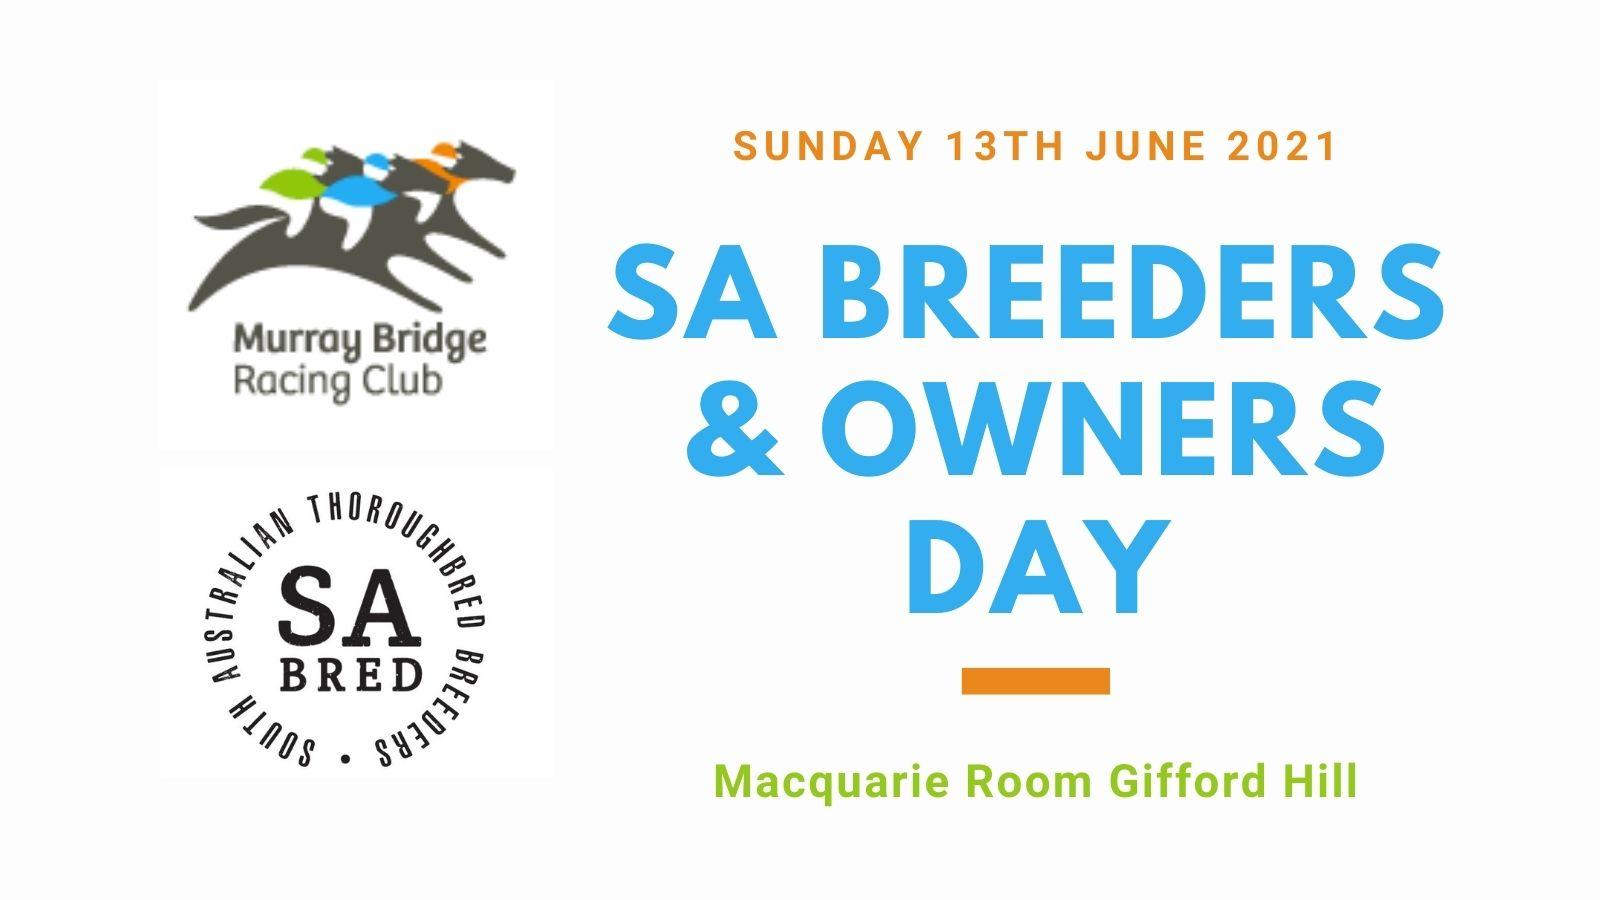 Murray Bridge Racing Club – Breeders & Owners Day